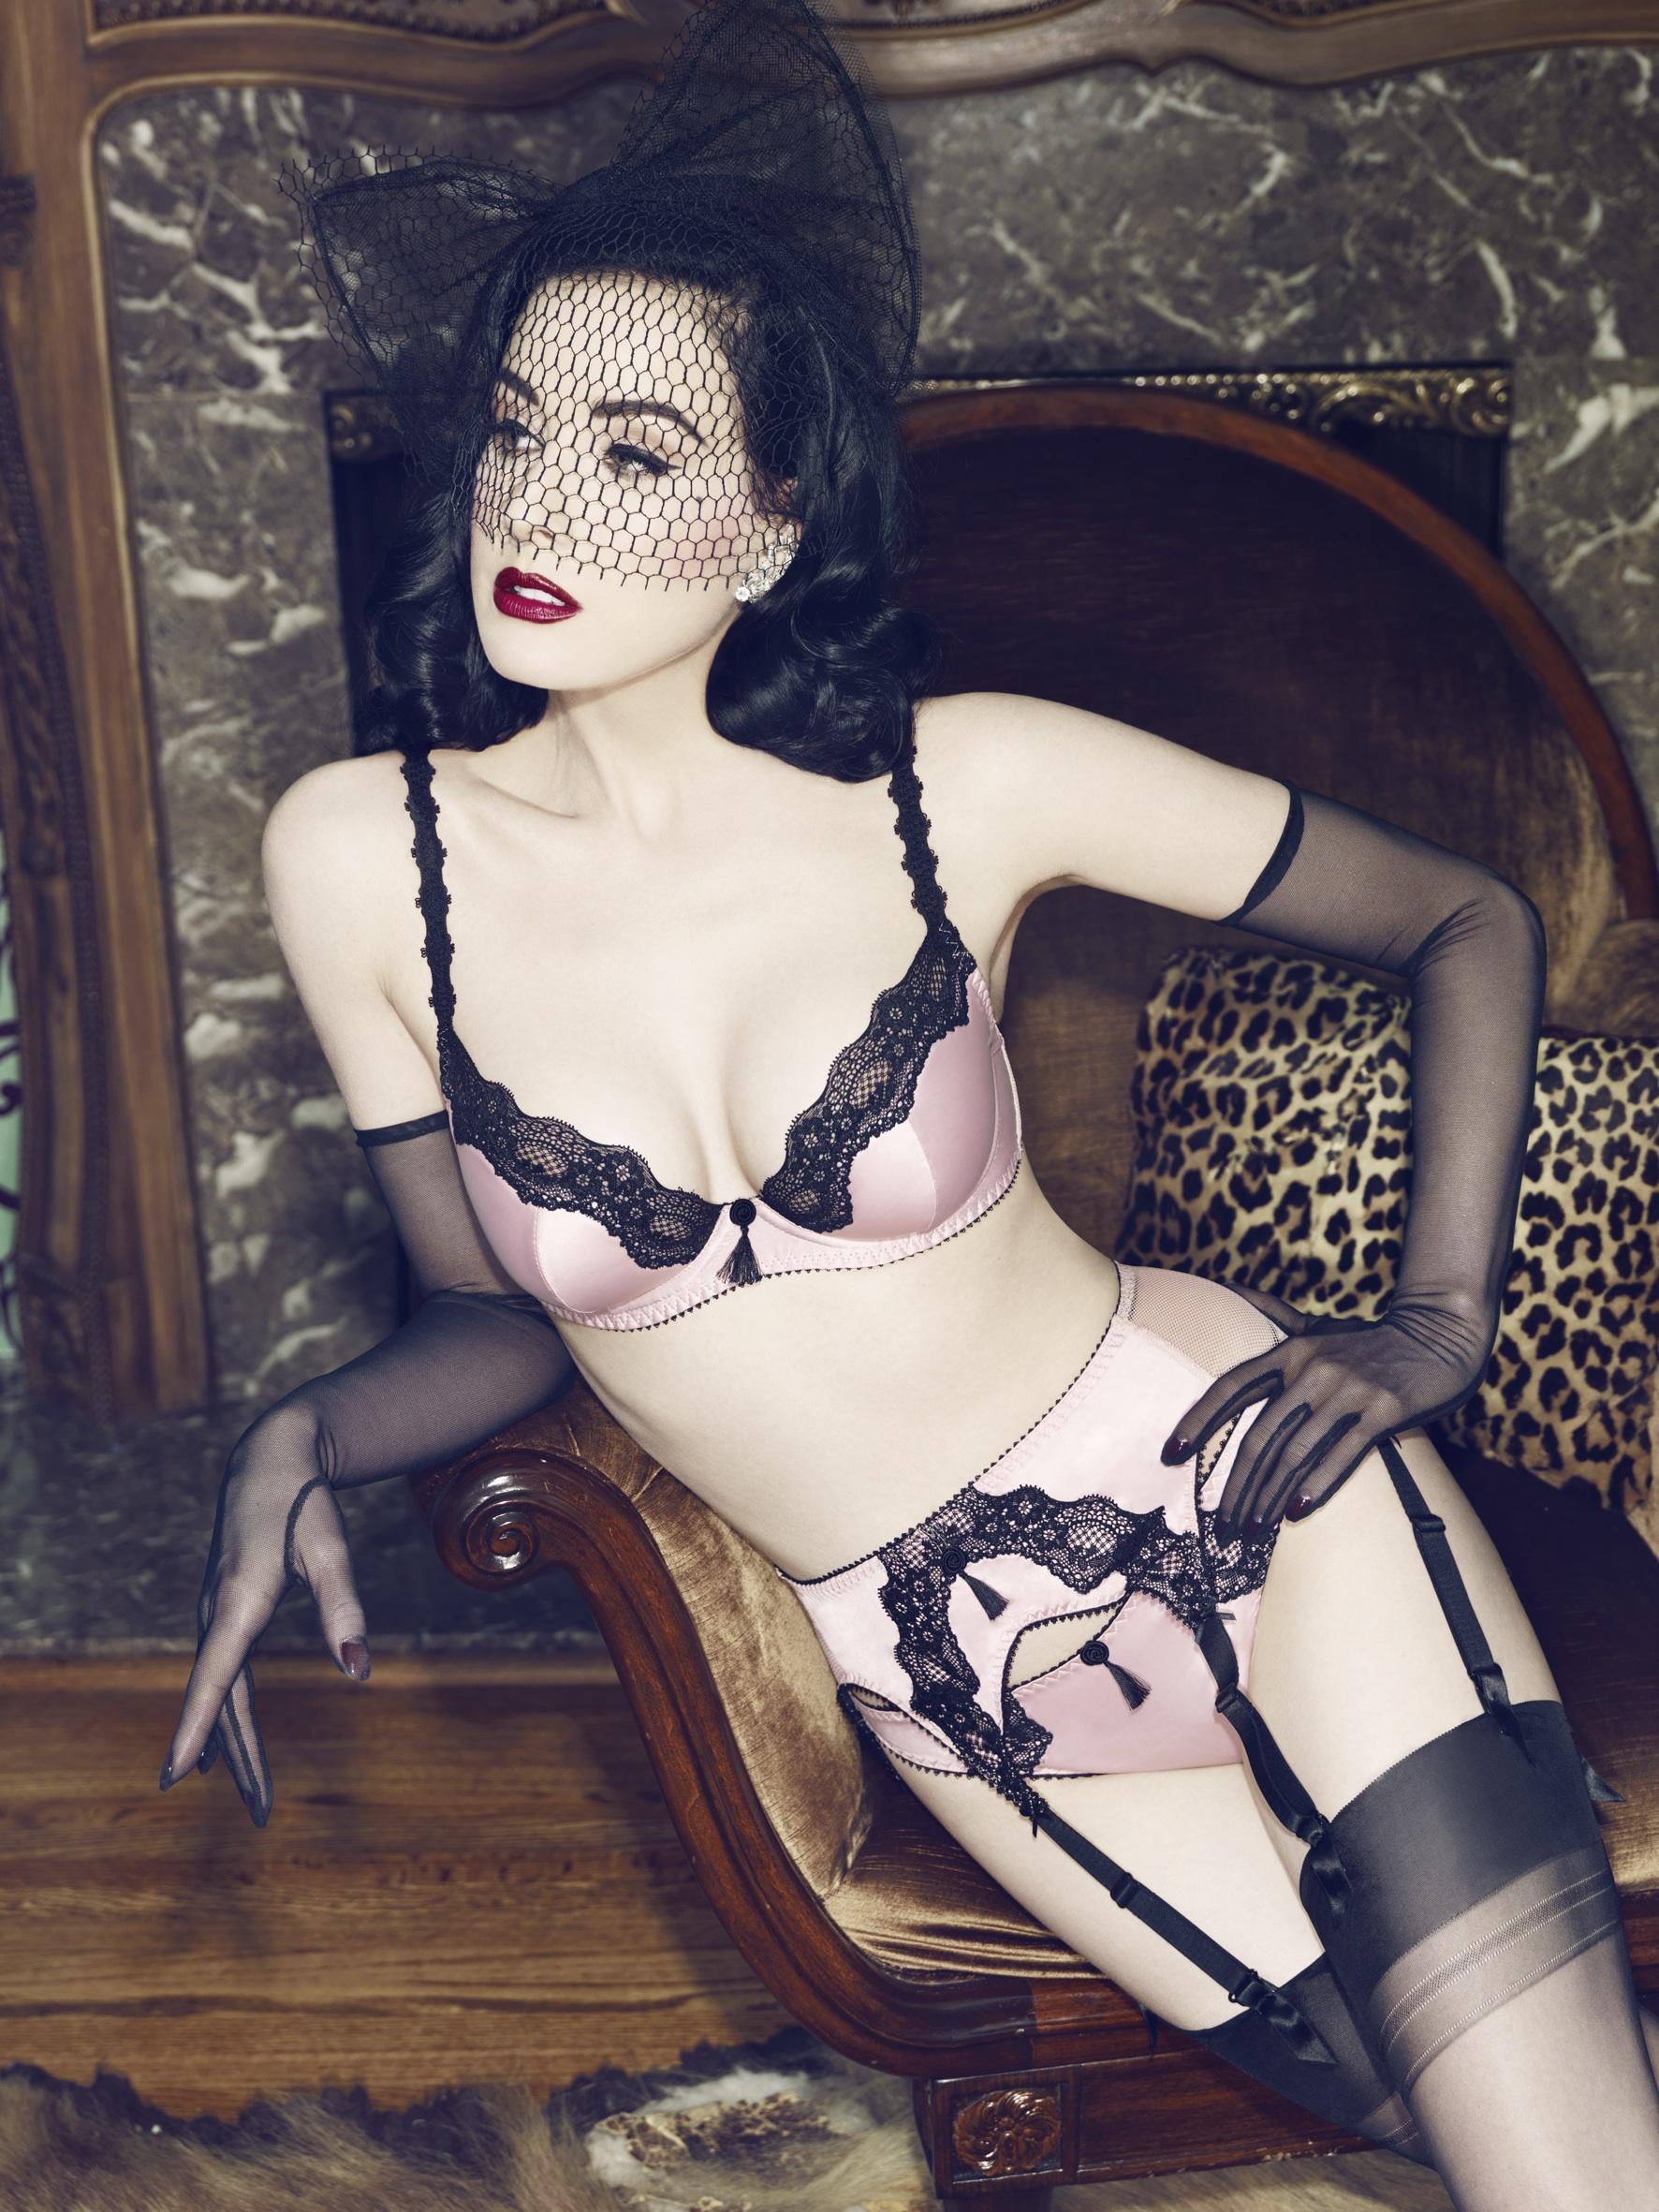 208680_Von Follies by Dita Von Teese satin & lace bra, brief and suspender